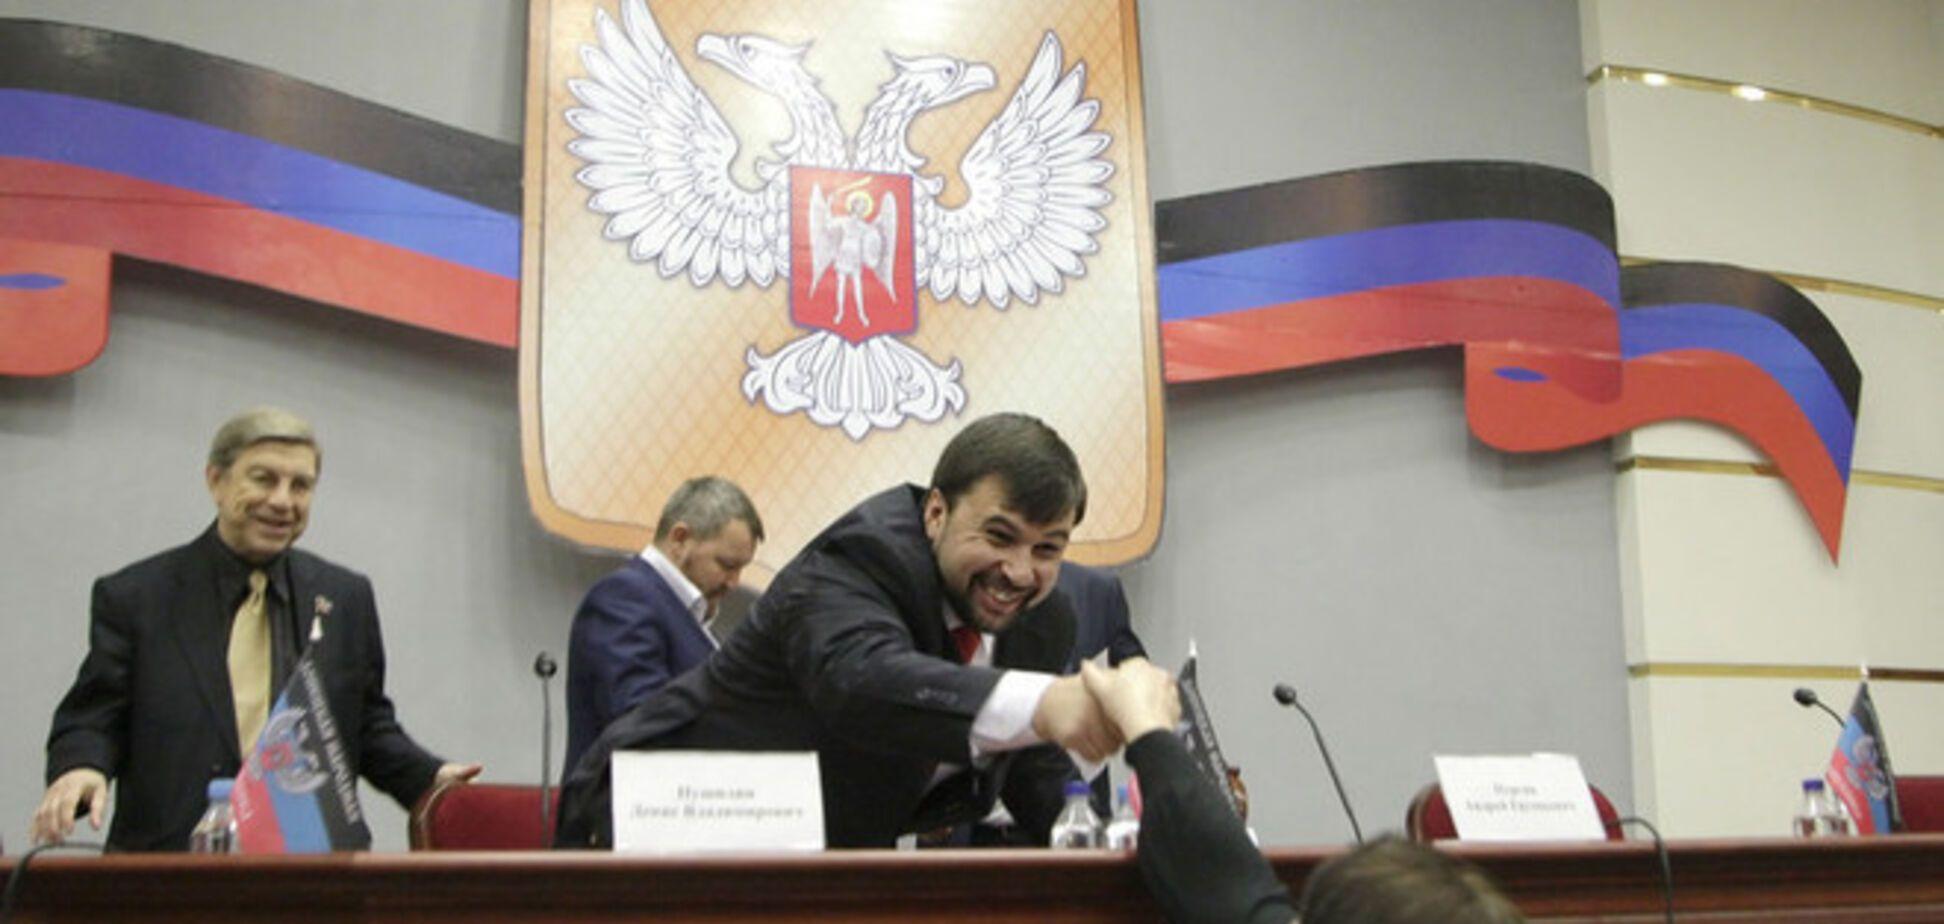 Боевикам 'ДНР' открыли доступ к базе данных Минсоцполитики - журналист